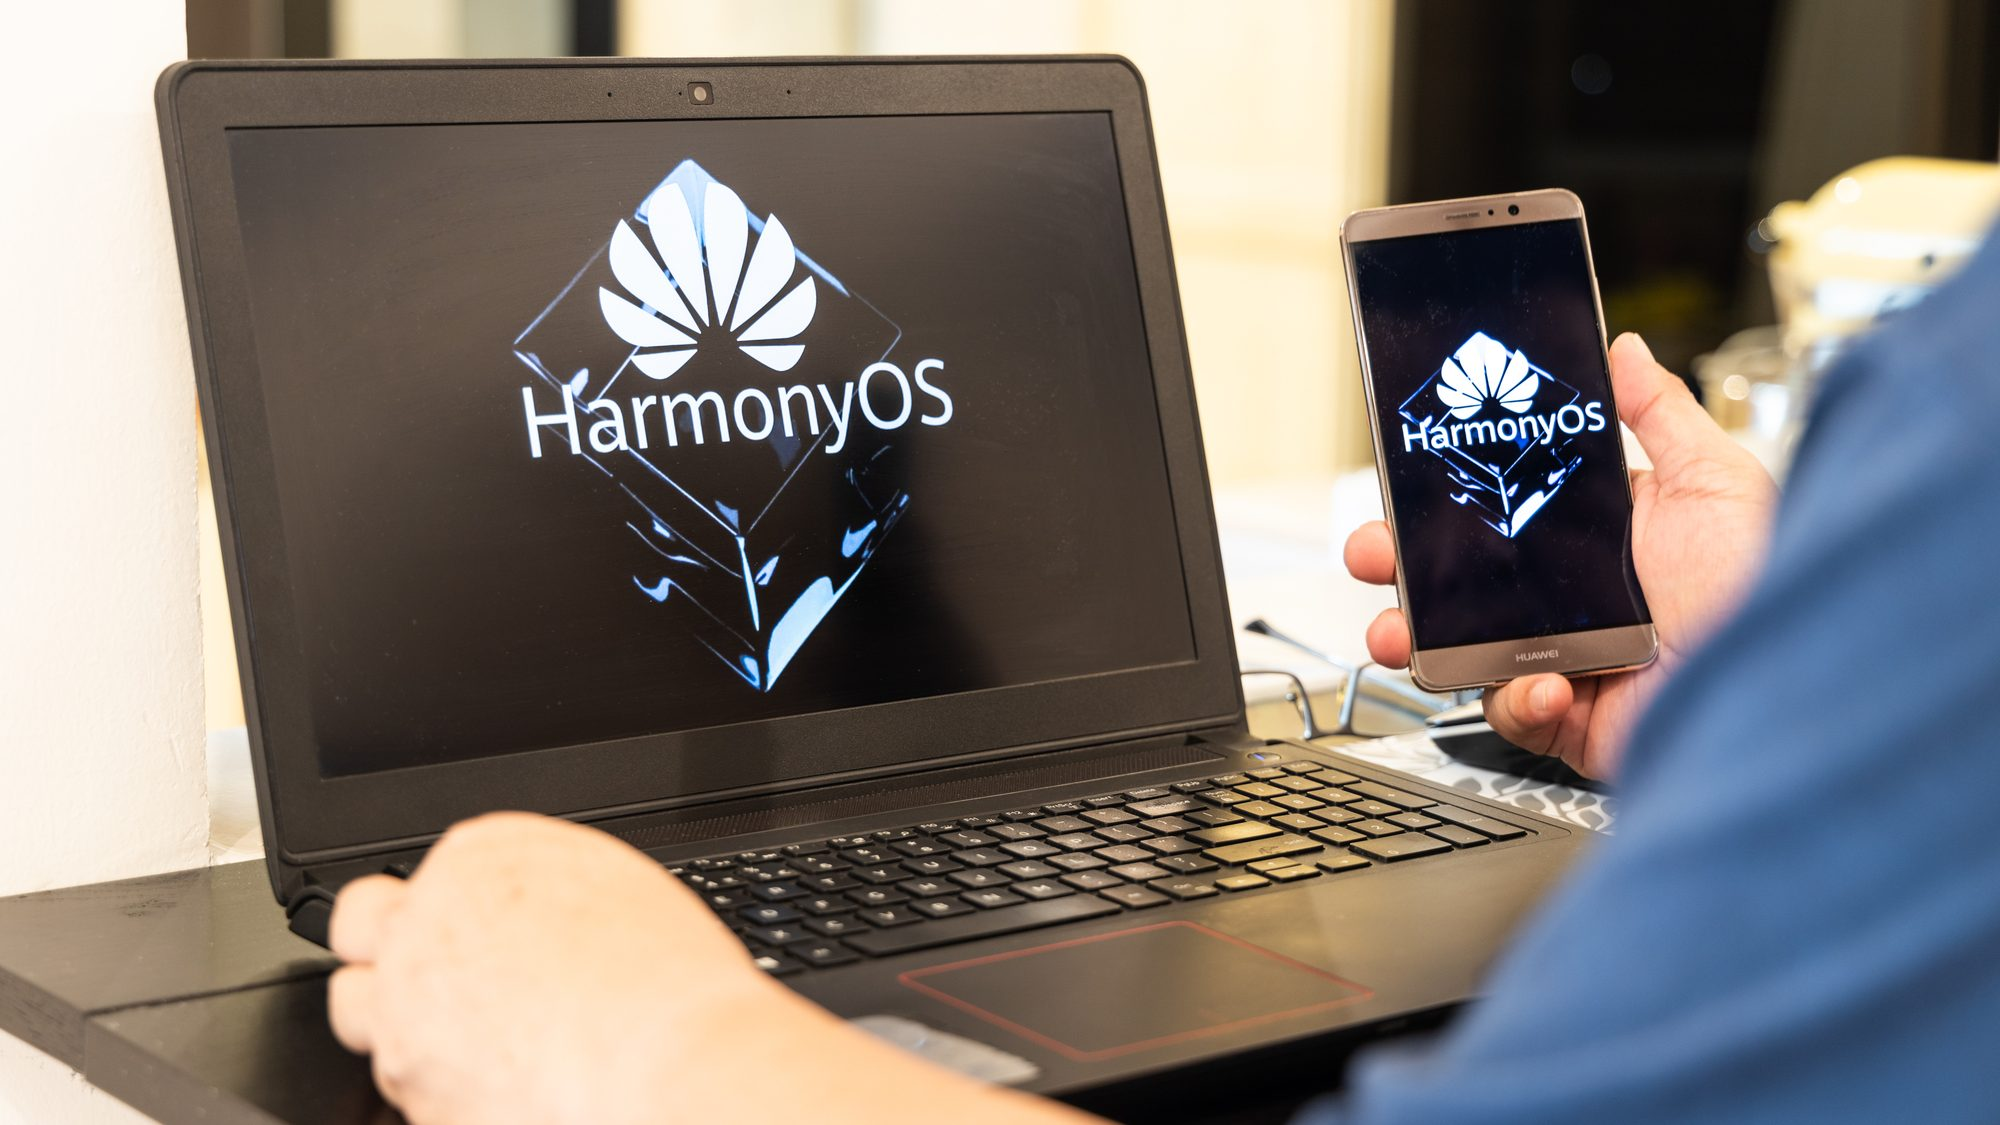 Harmonyos e huawei watch 3 são destaques em evento da huawei. Além de maior integração entre dispositivos com o harmonyos, a huawei também fez anúncio de vários produtos como seus novos fones de ouvido e monitor gamer